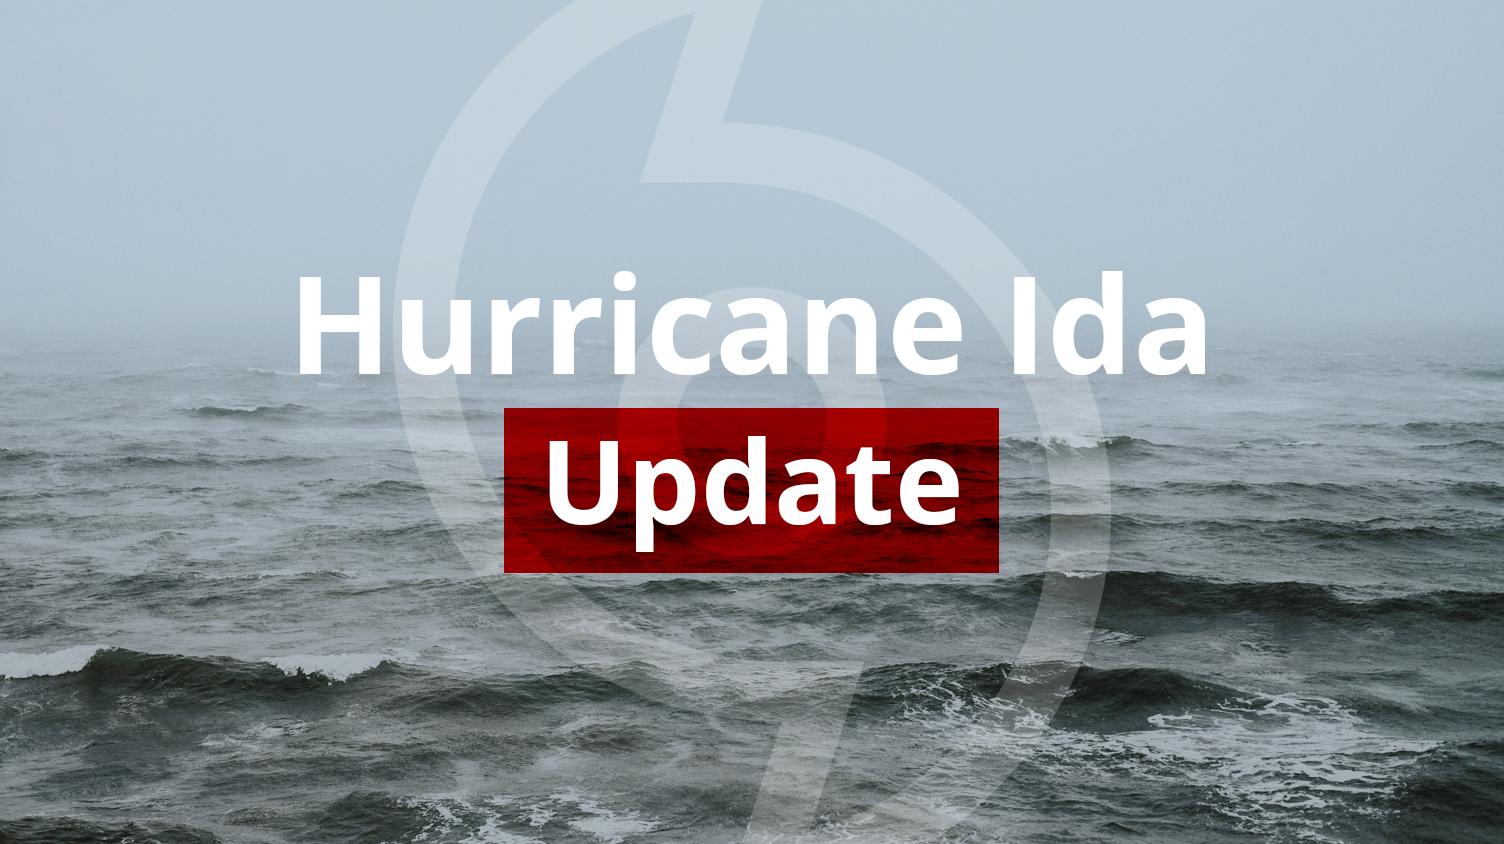 Hurricane Ida Updates and Resources